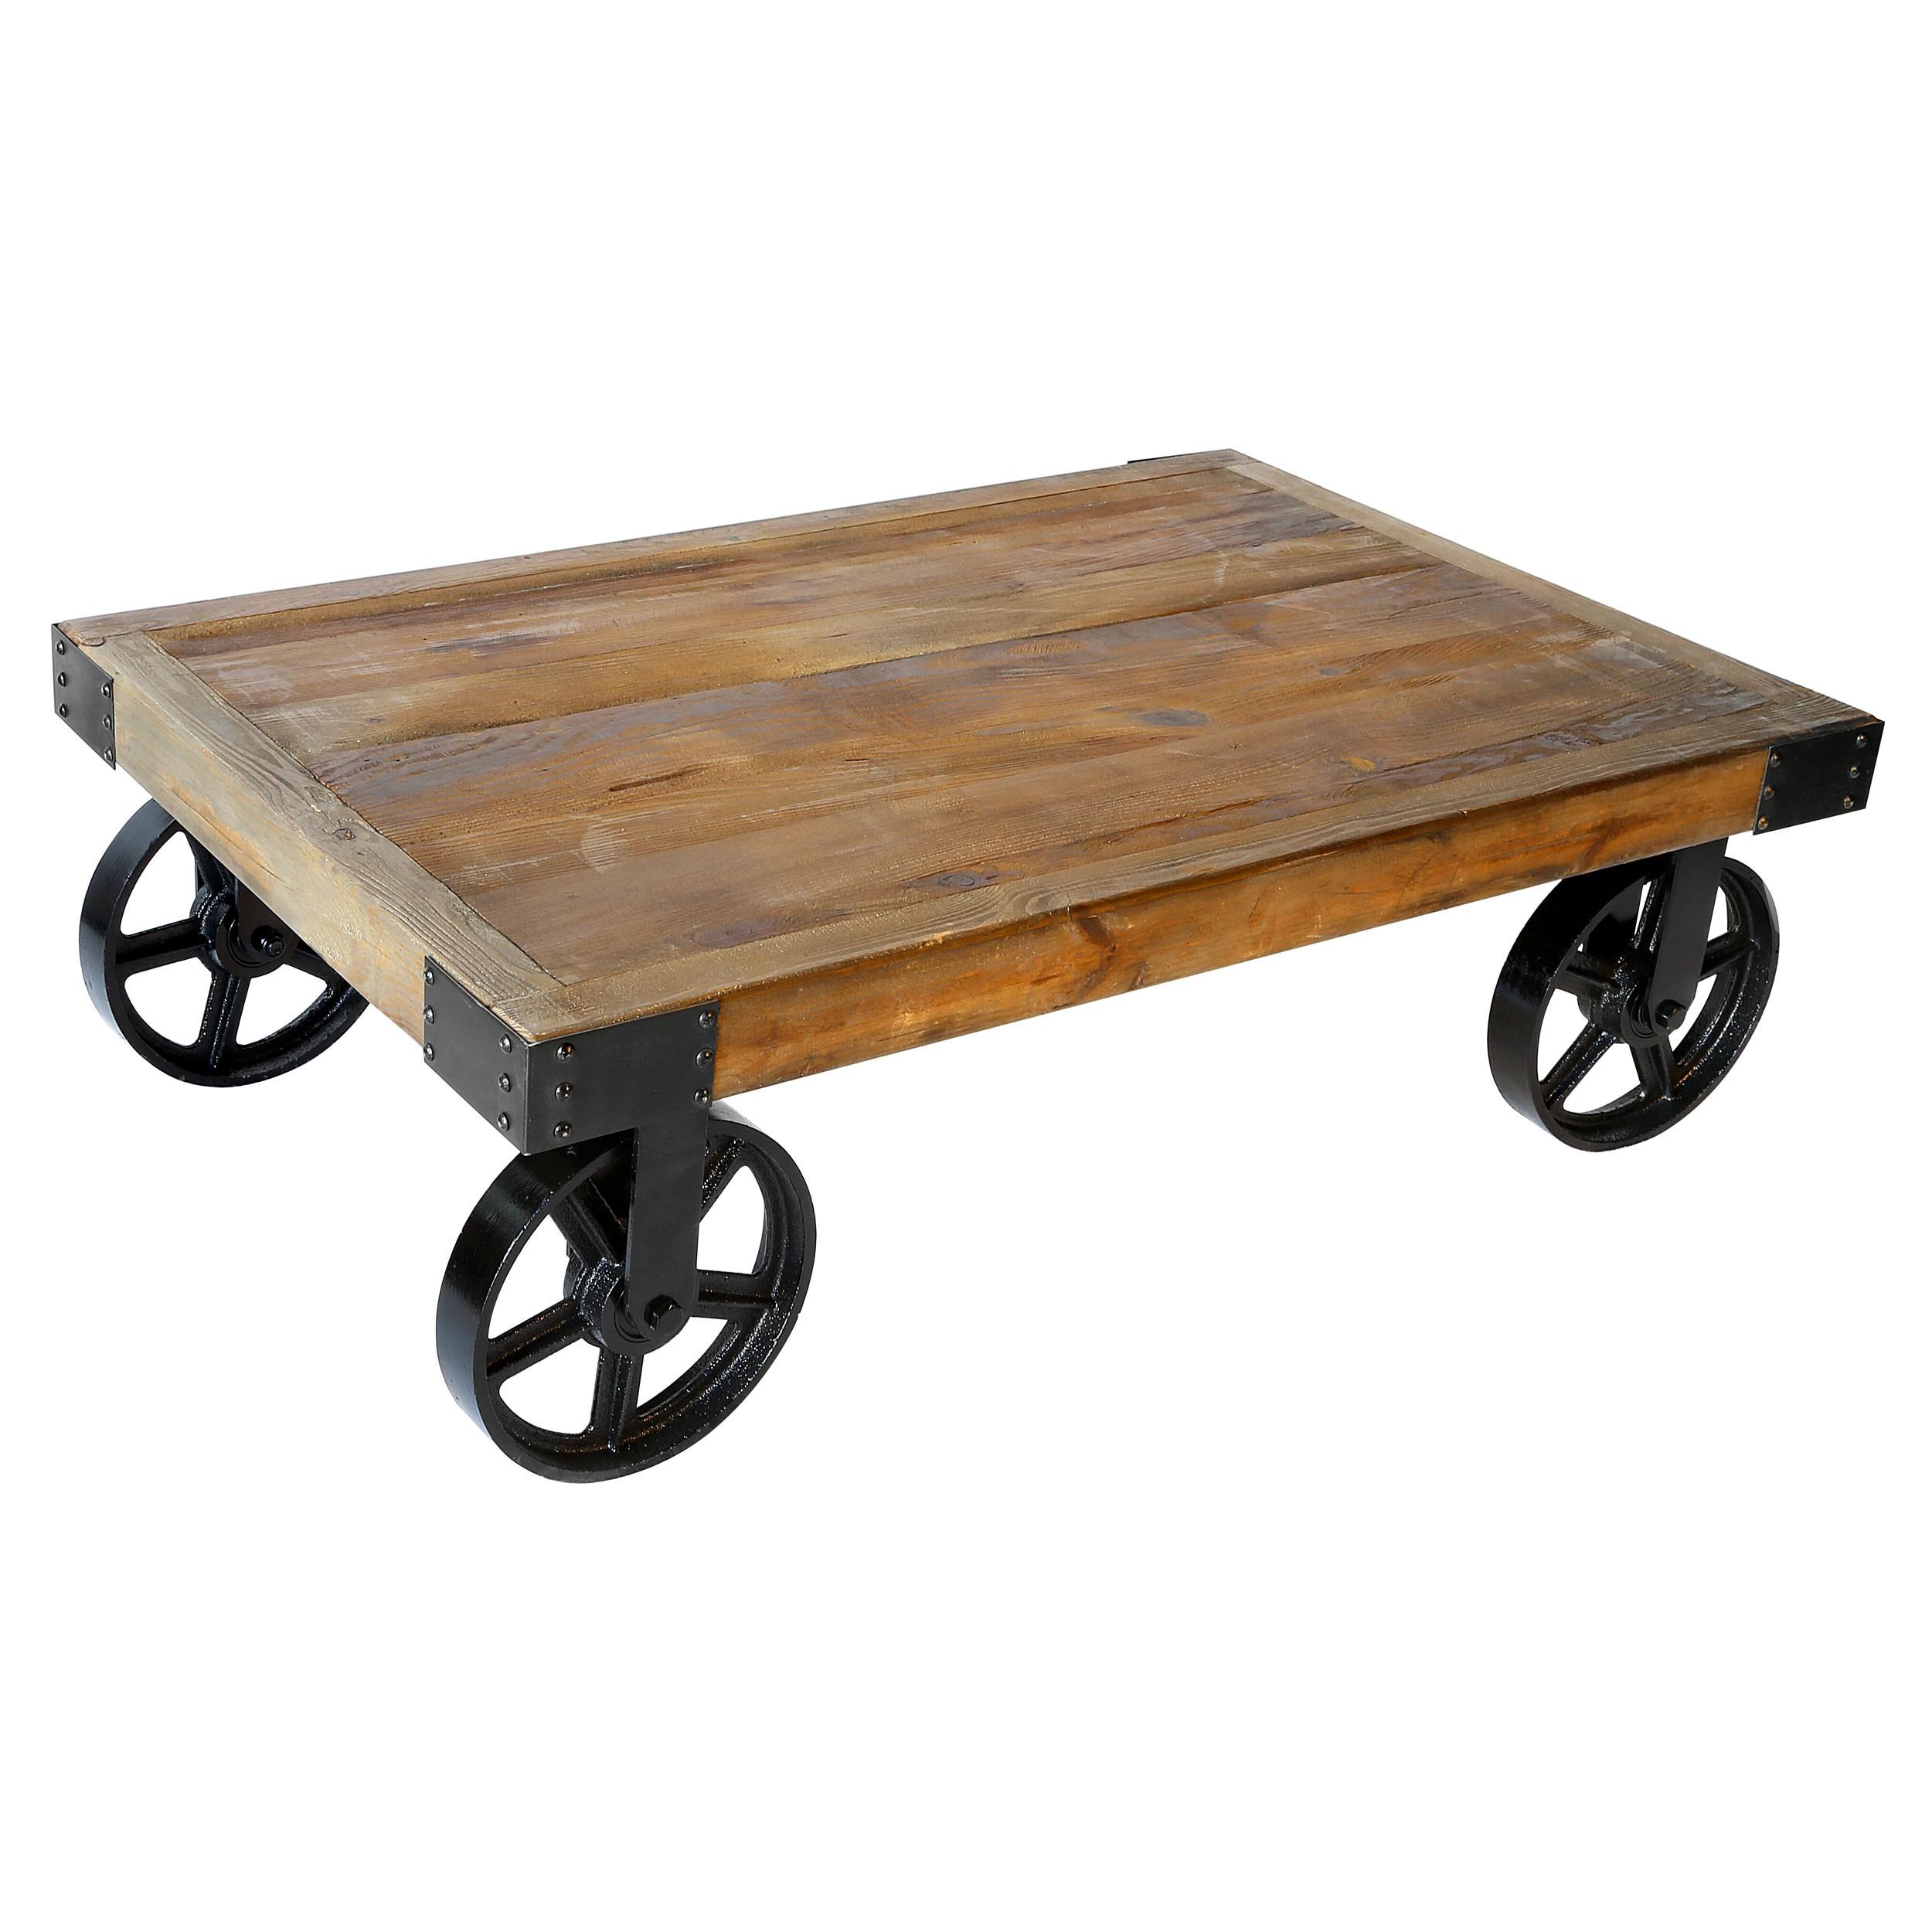 Table basse sohar rectangulaire achetez les tables basses sohar rectangulaires rdv d co for Table basse style mexicain